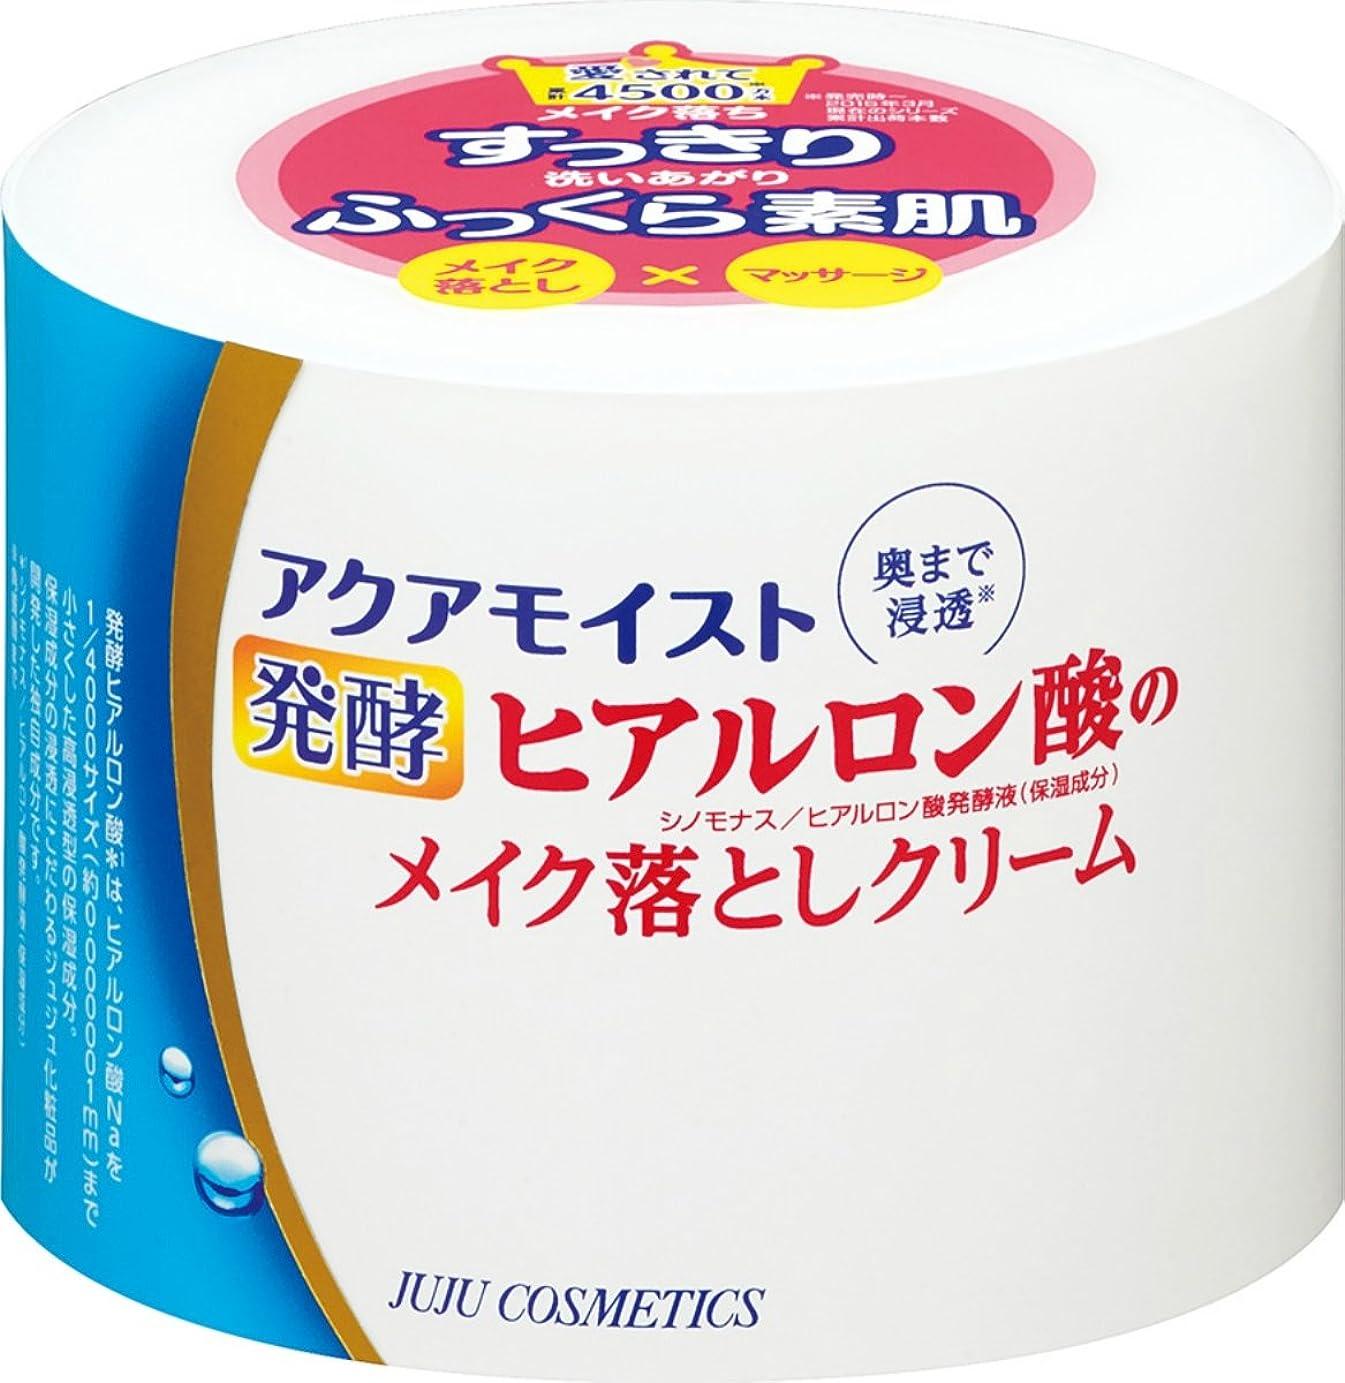 出身地追う失業者アクアモイスト 発酵ヒアルロン酸のメイク落としクリーム 160g